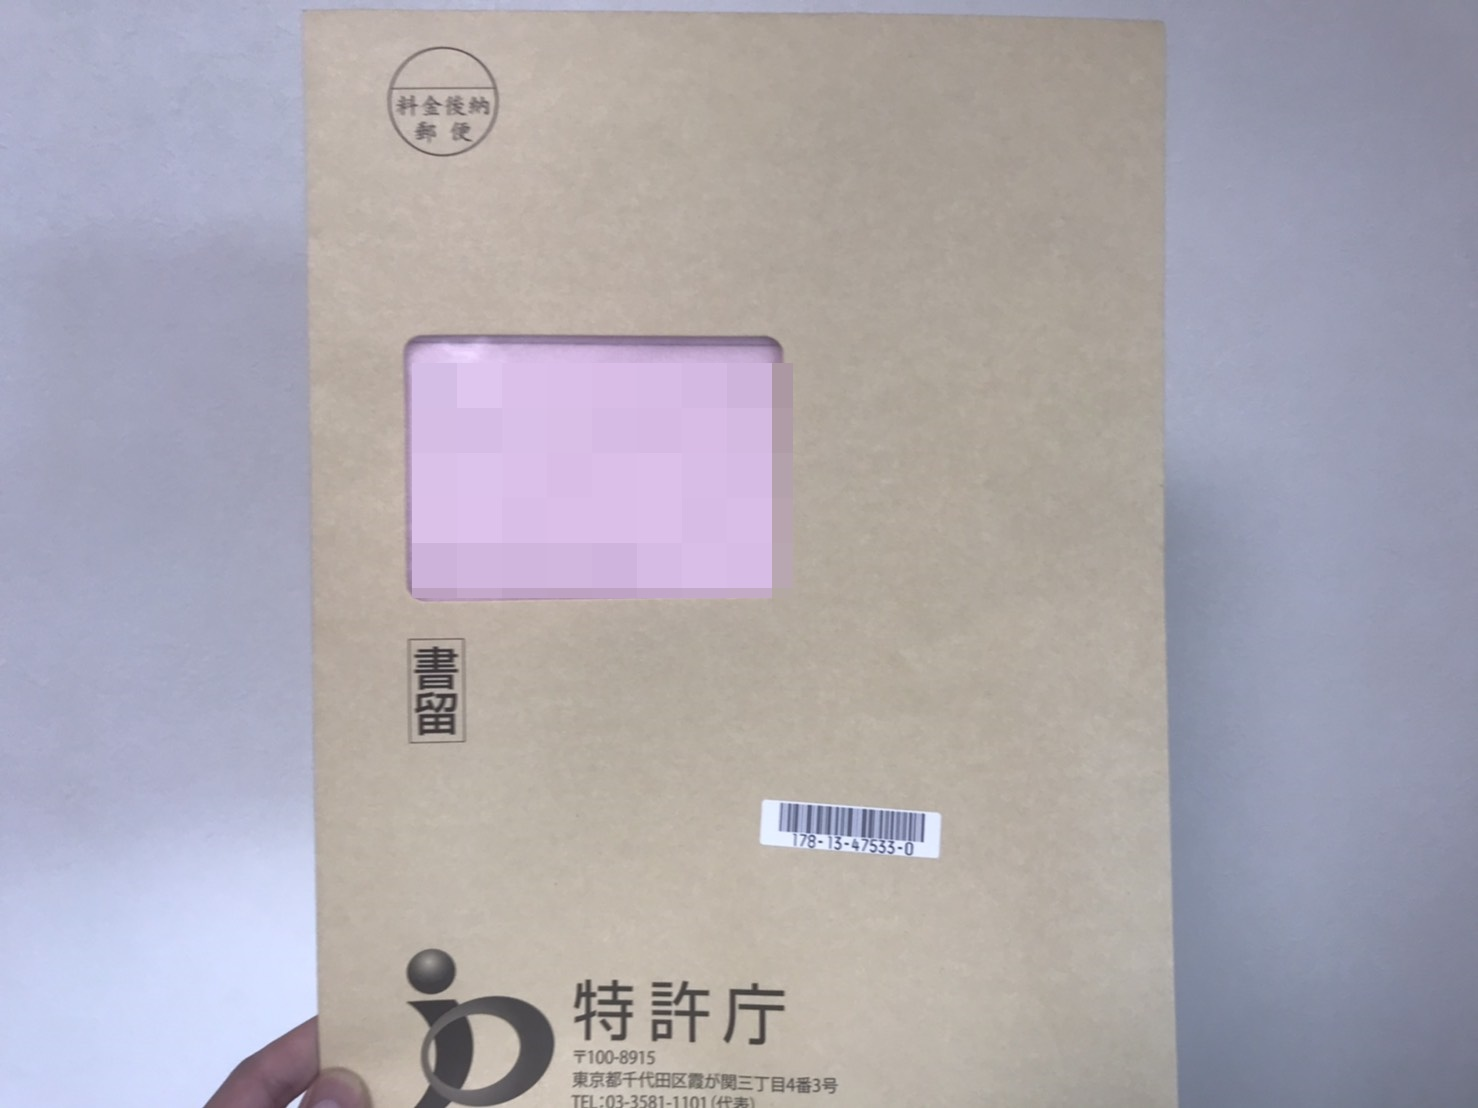 特許庁からの封筒